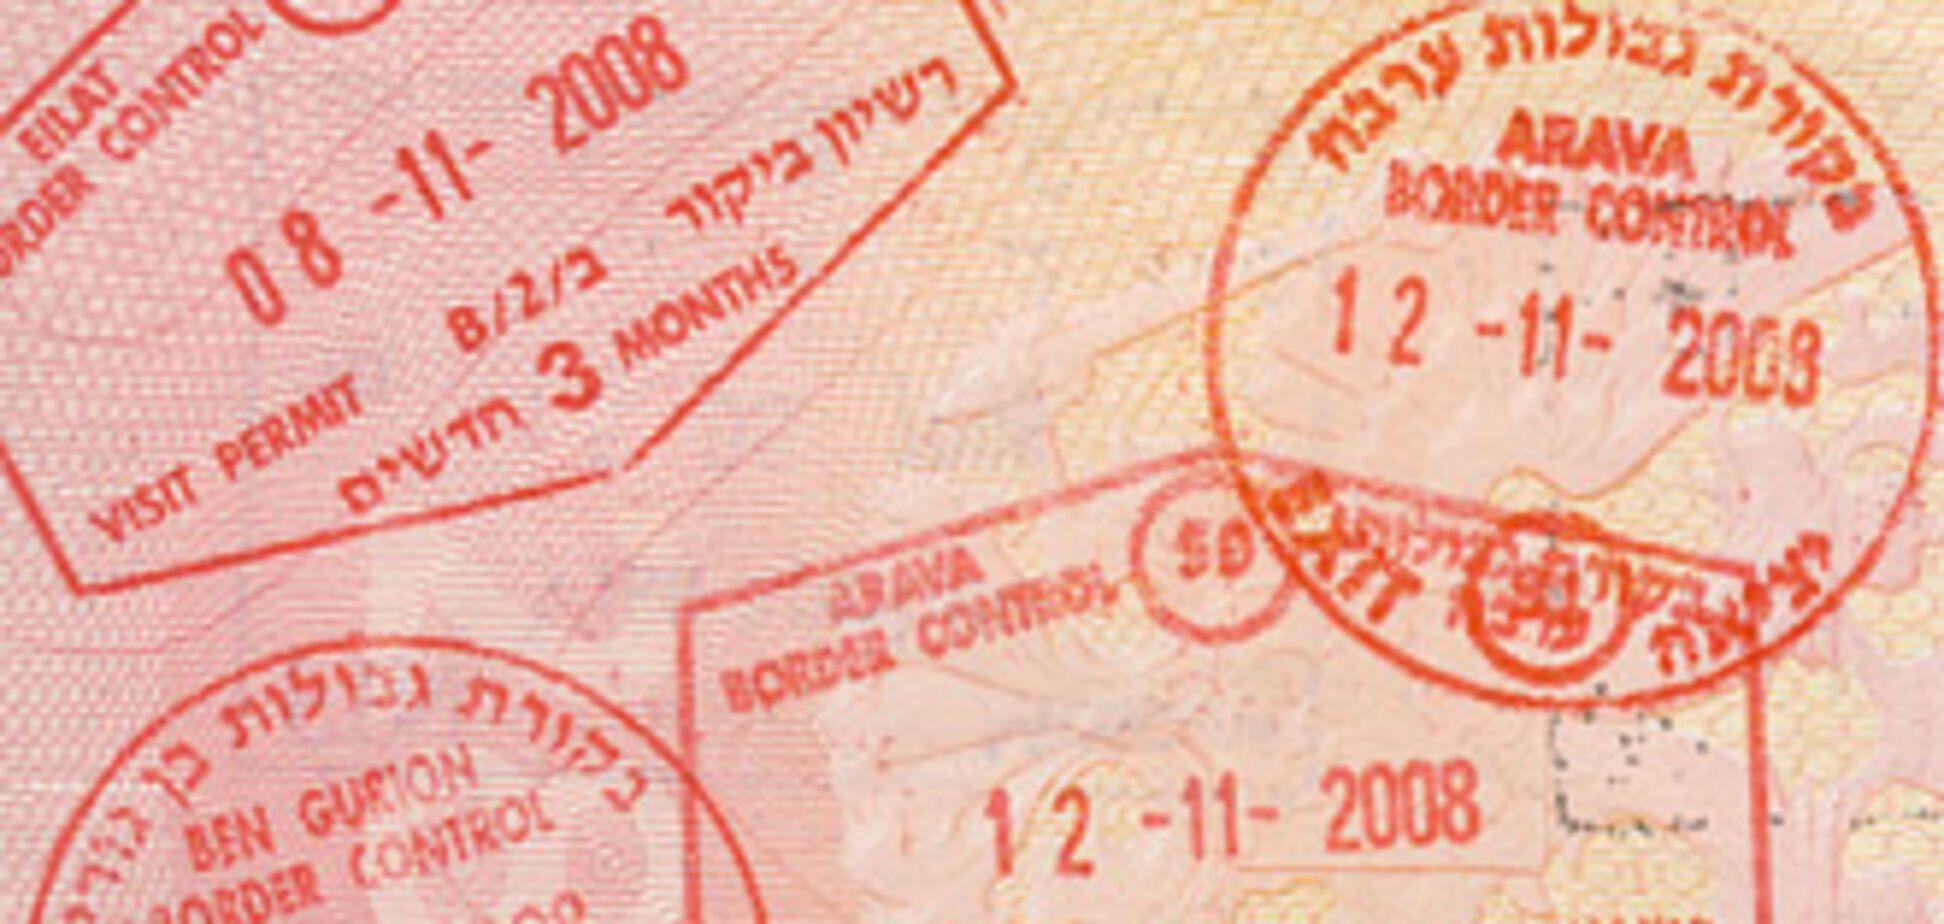 Кабмін схвалив скасування віз з Ізраїлем